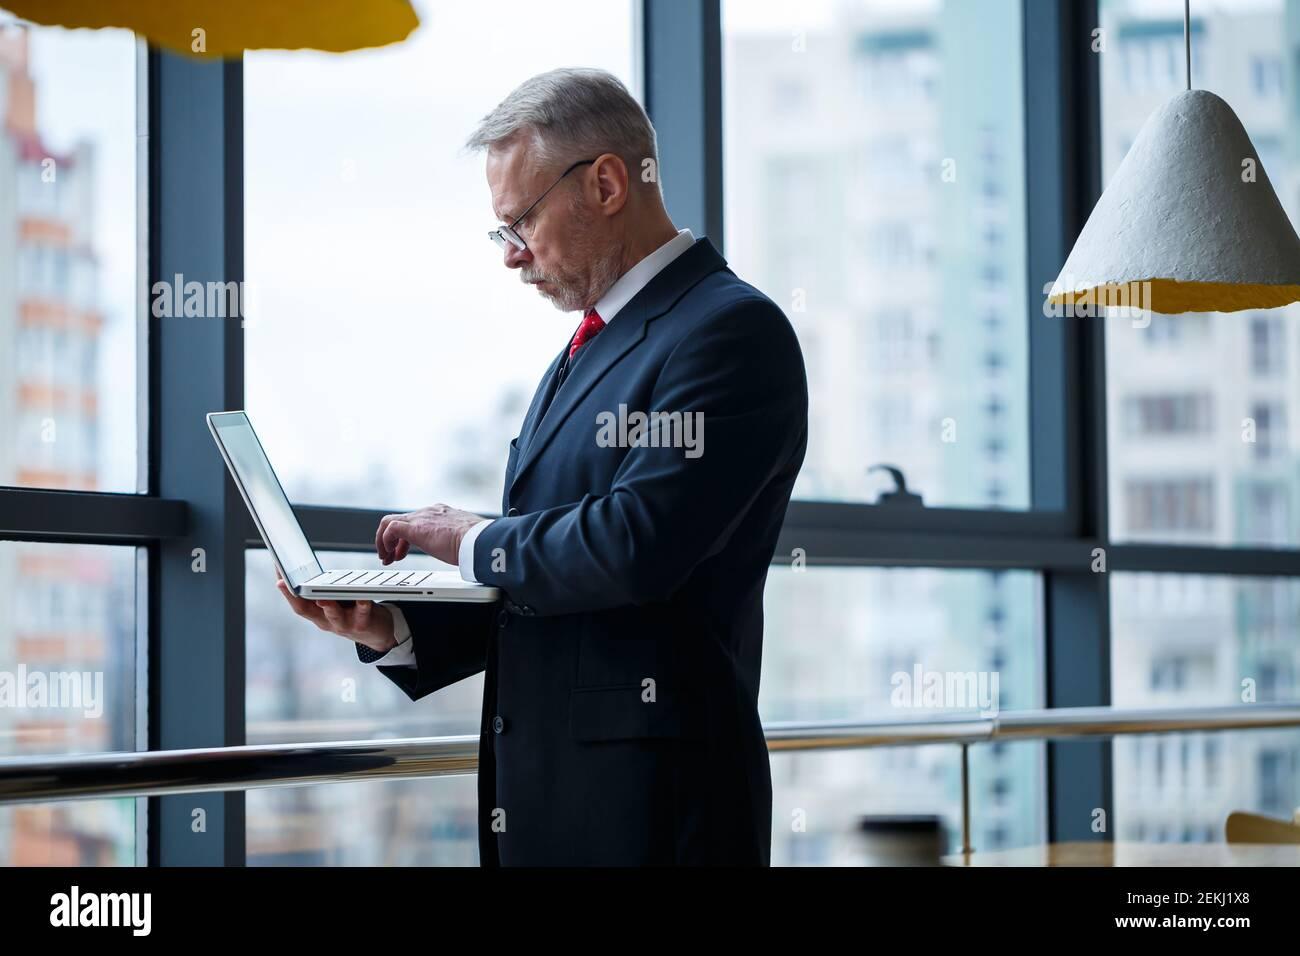 El director ejecutivo sonriente y feliz piensa en el éxito de su desarrollo profesional mientras se mantiene con un ordenador portátil en su oficina cerca del telón de fondo de una victoria Foto de stock